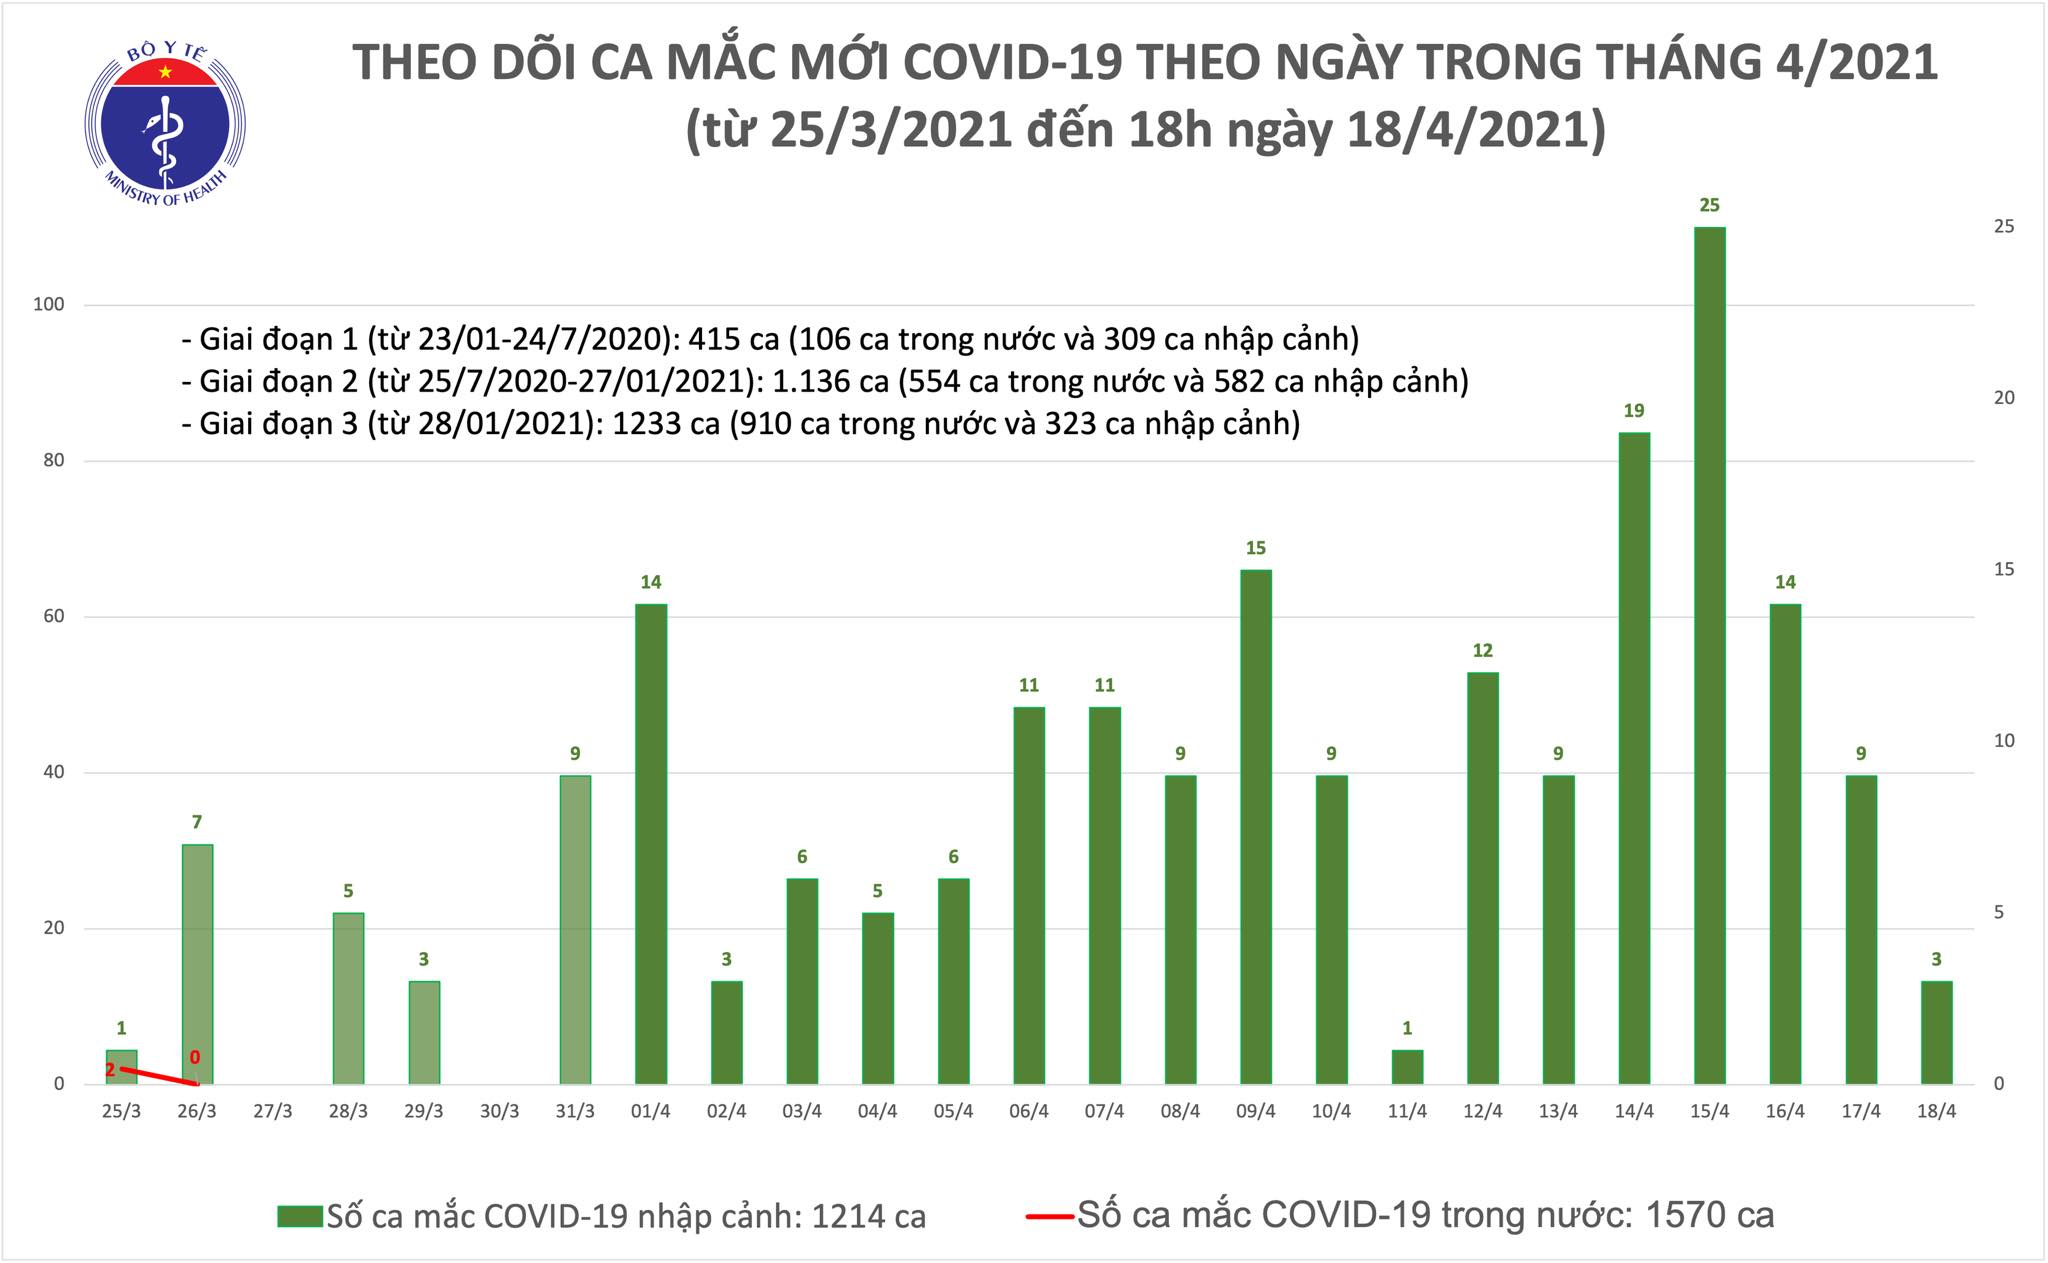 Chiều 18/4: Thêm 3 ca mắc COVID-19 tại Hoà Bình, Bắc Ninh và Khánh Hoà